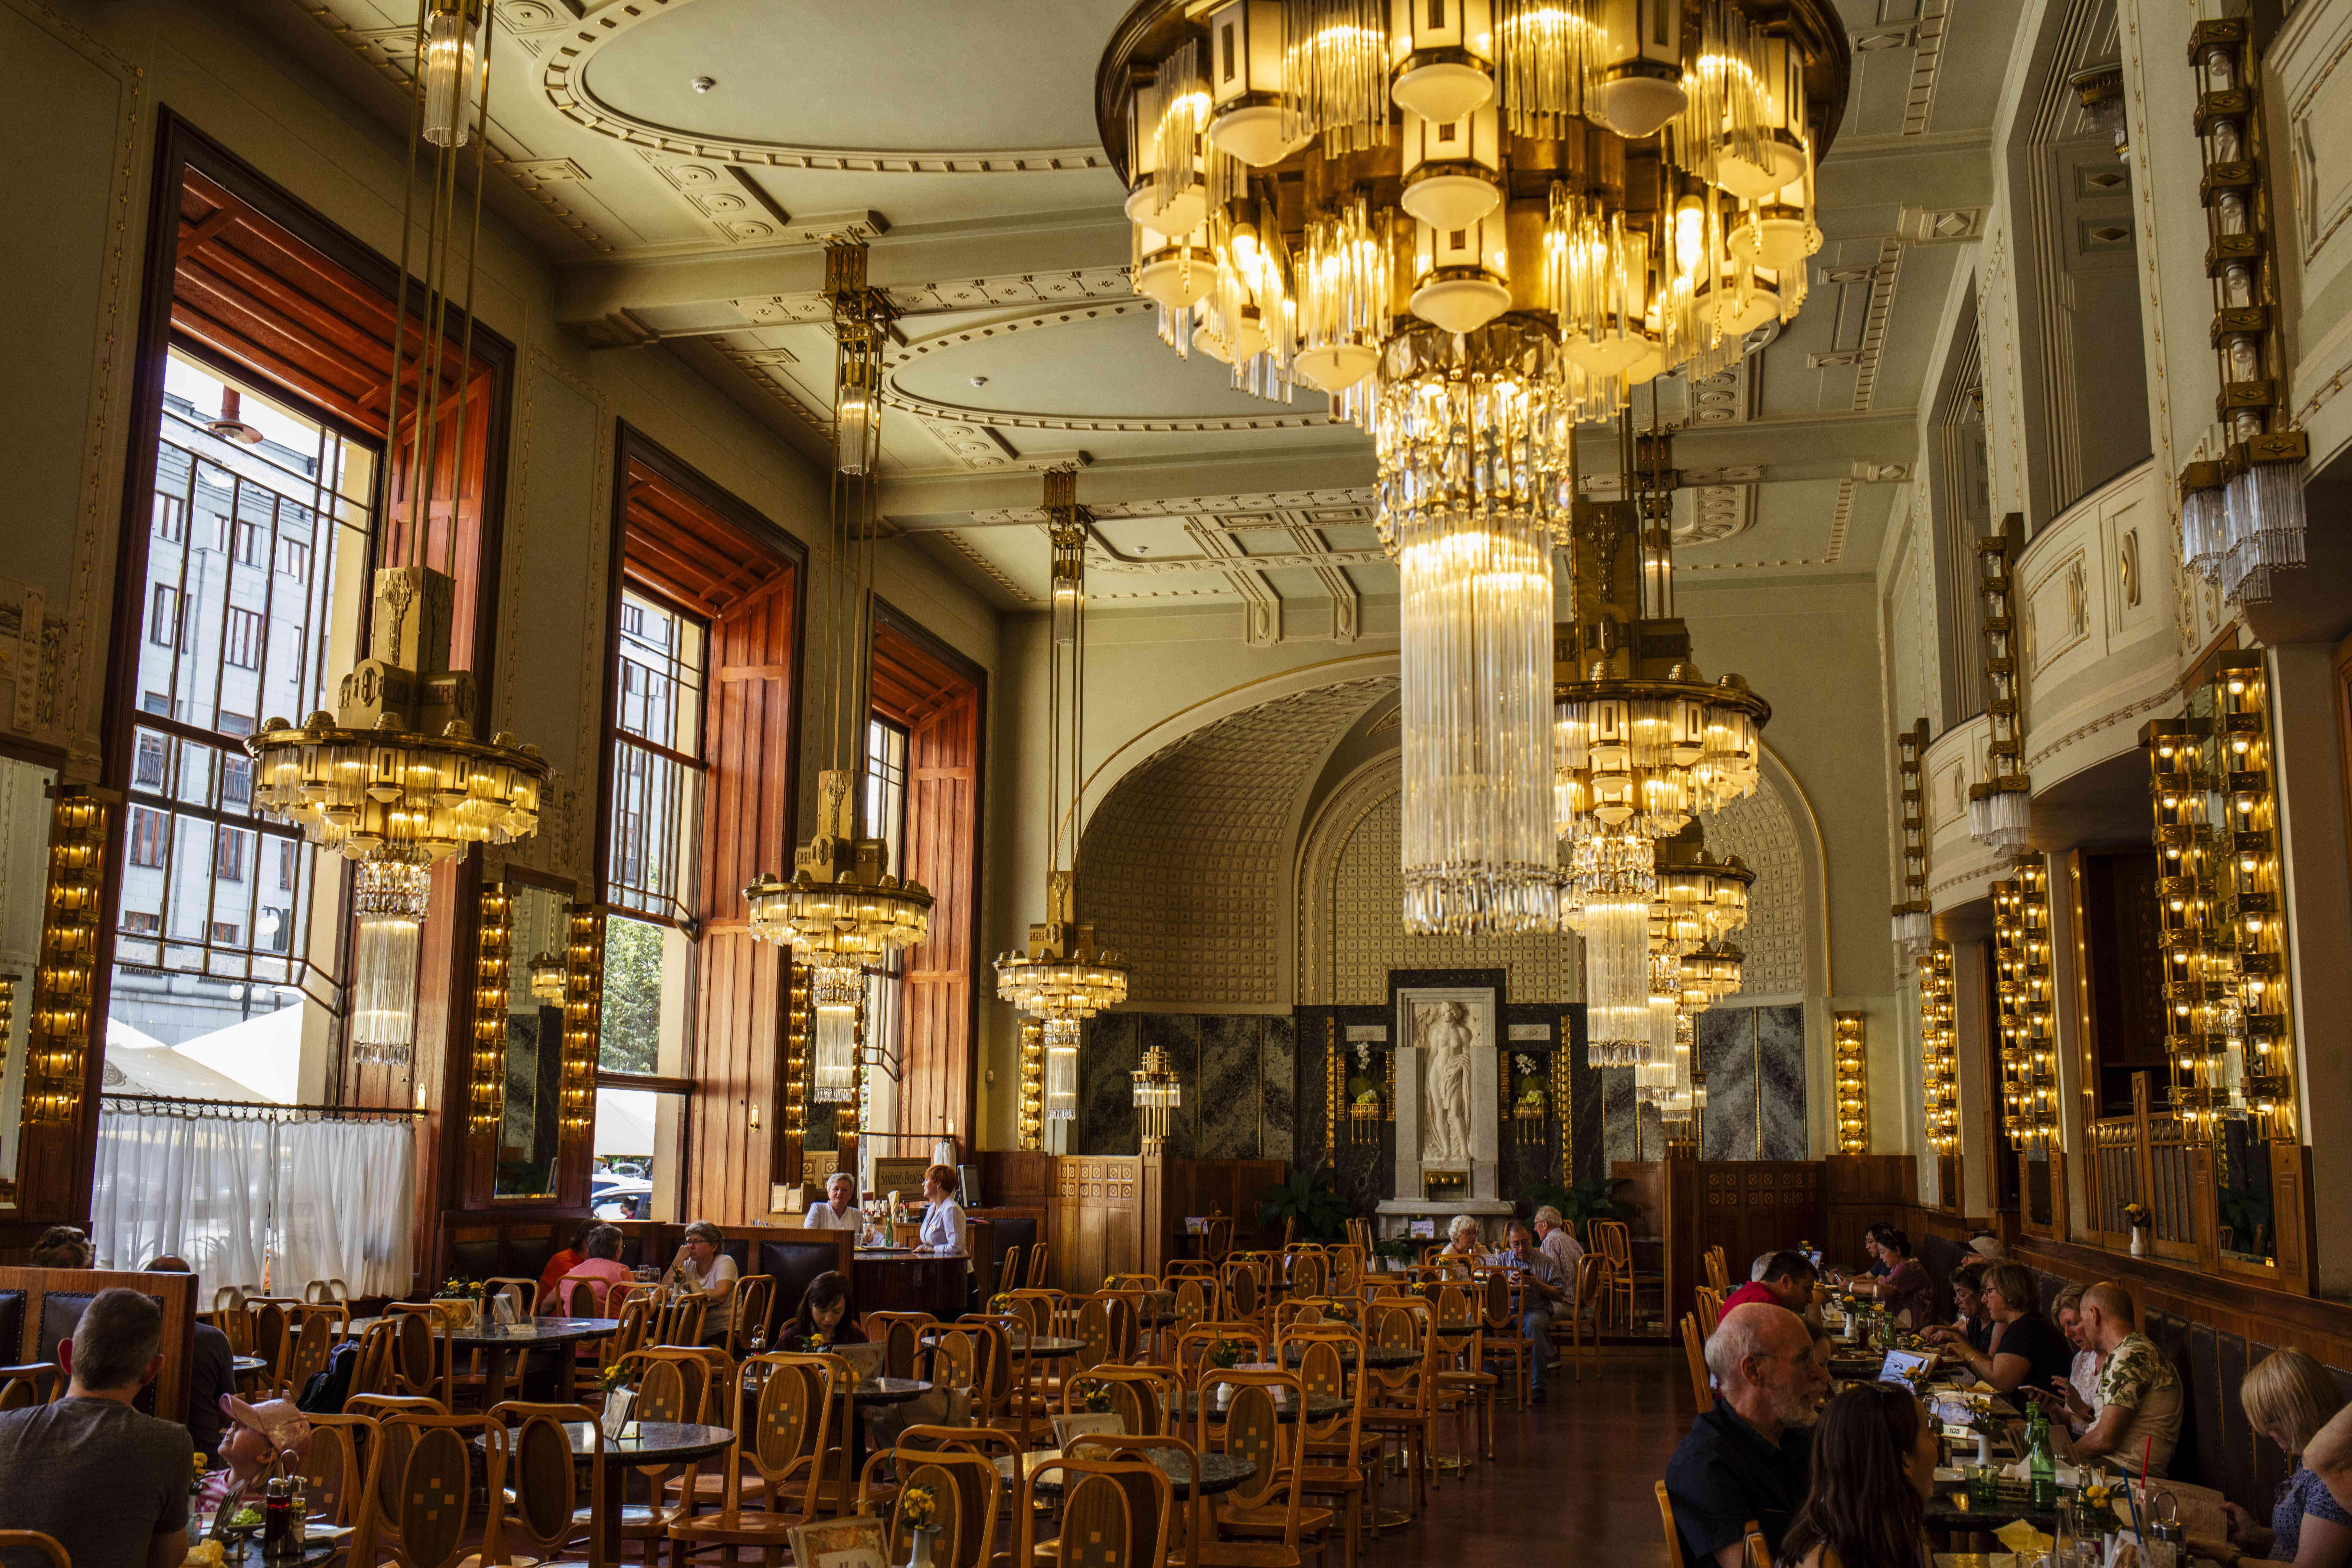 Comedor interior con grandes candelabros